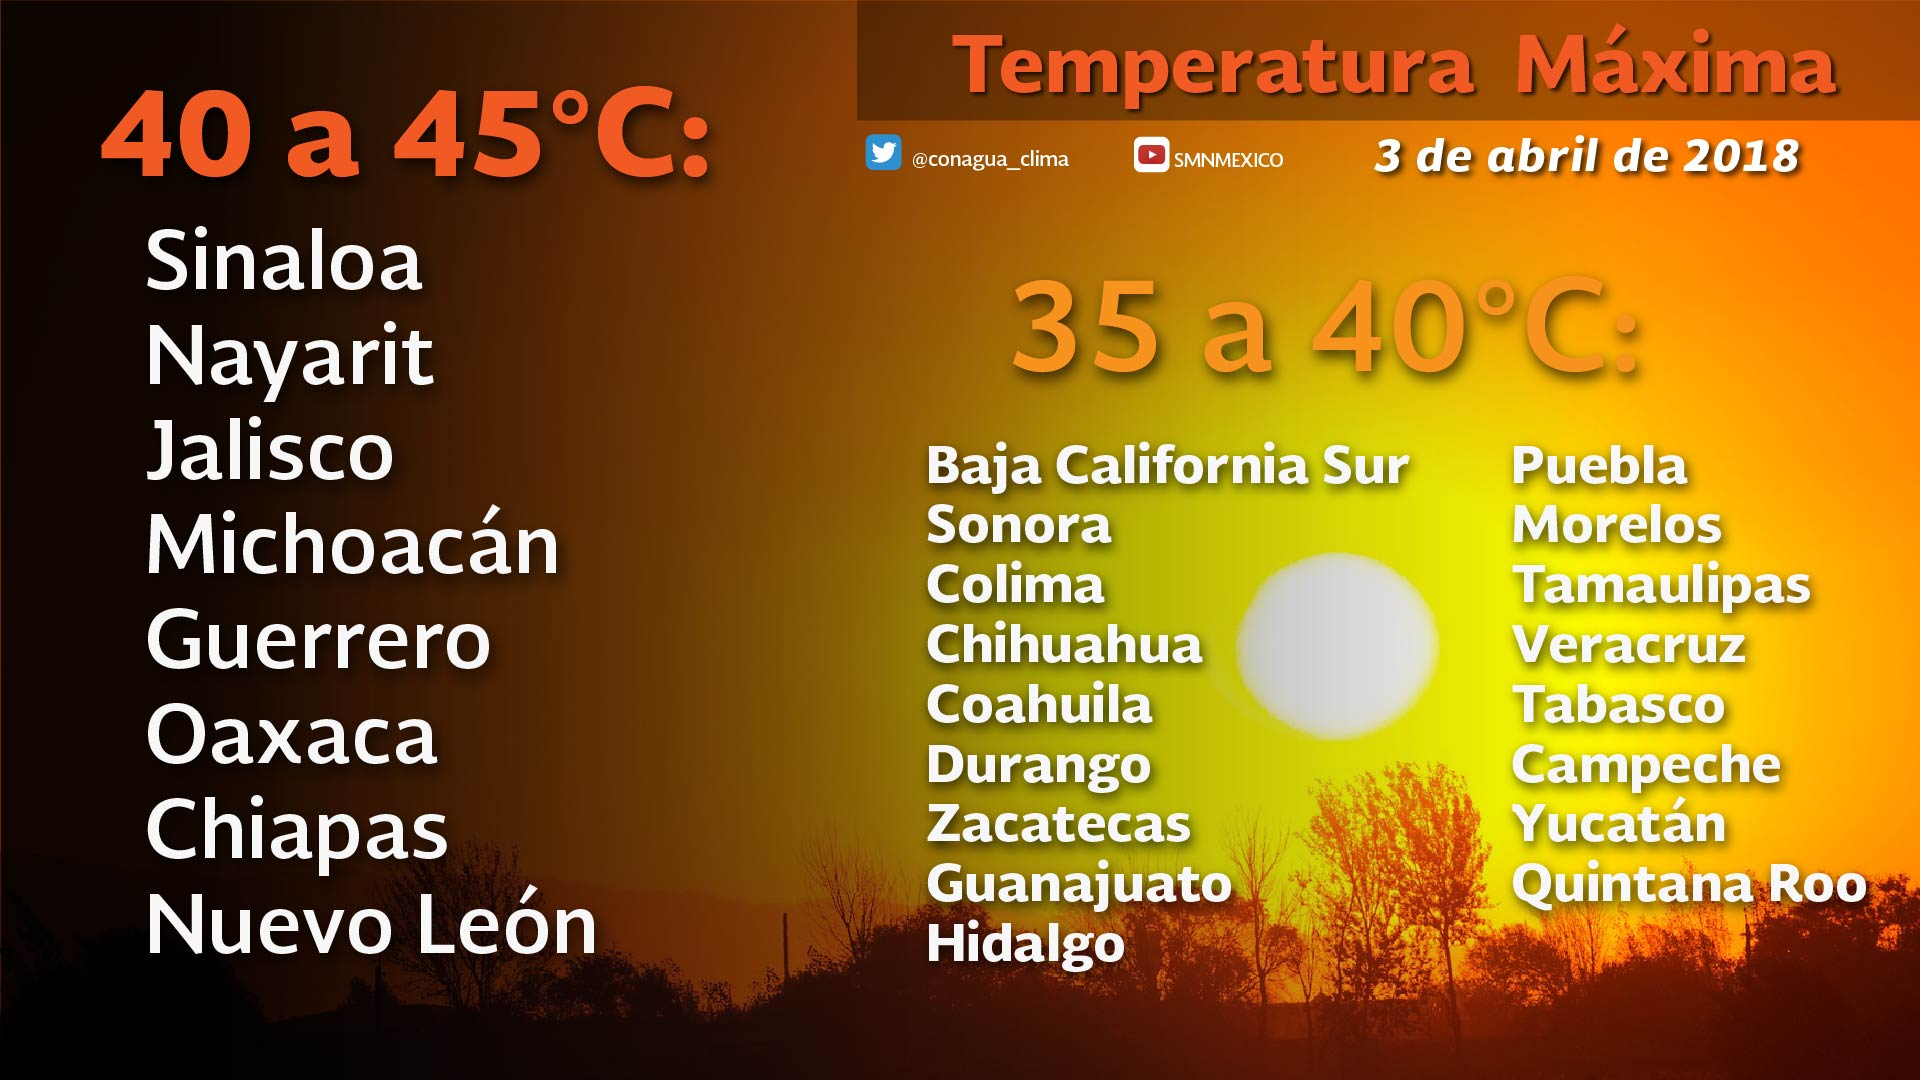 Se prevén lluvias aisladas y ambiente muy caluroso para Tlaxcala